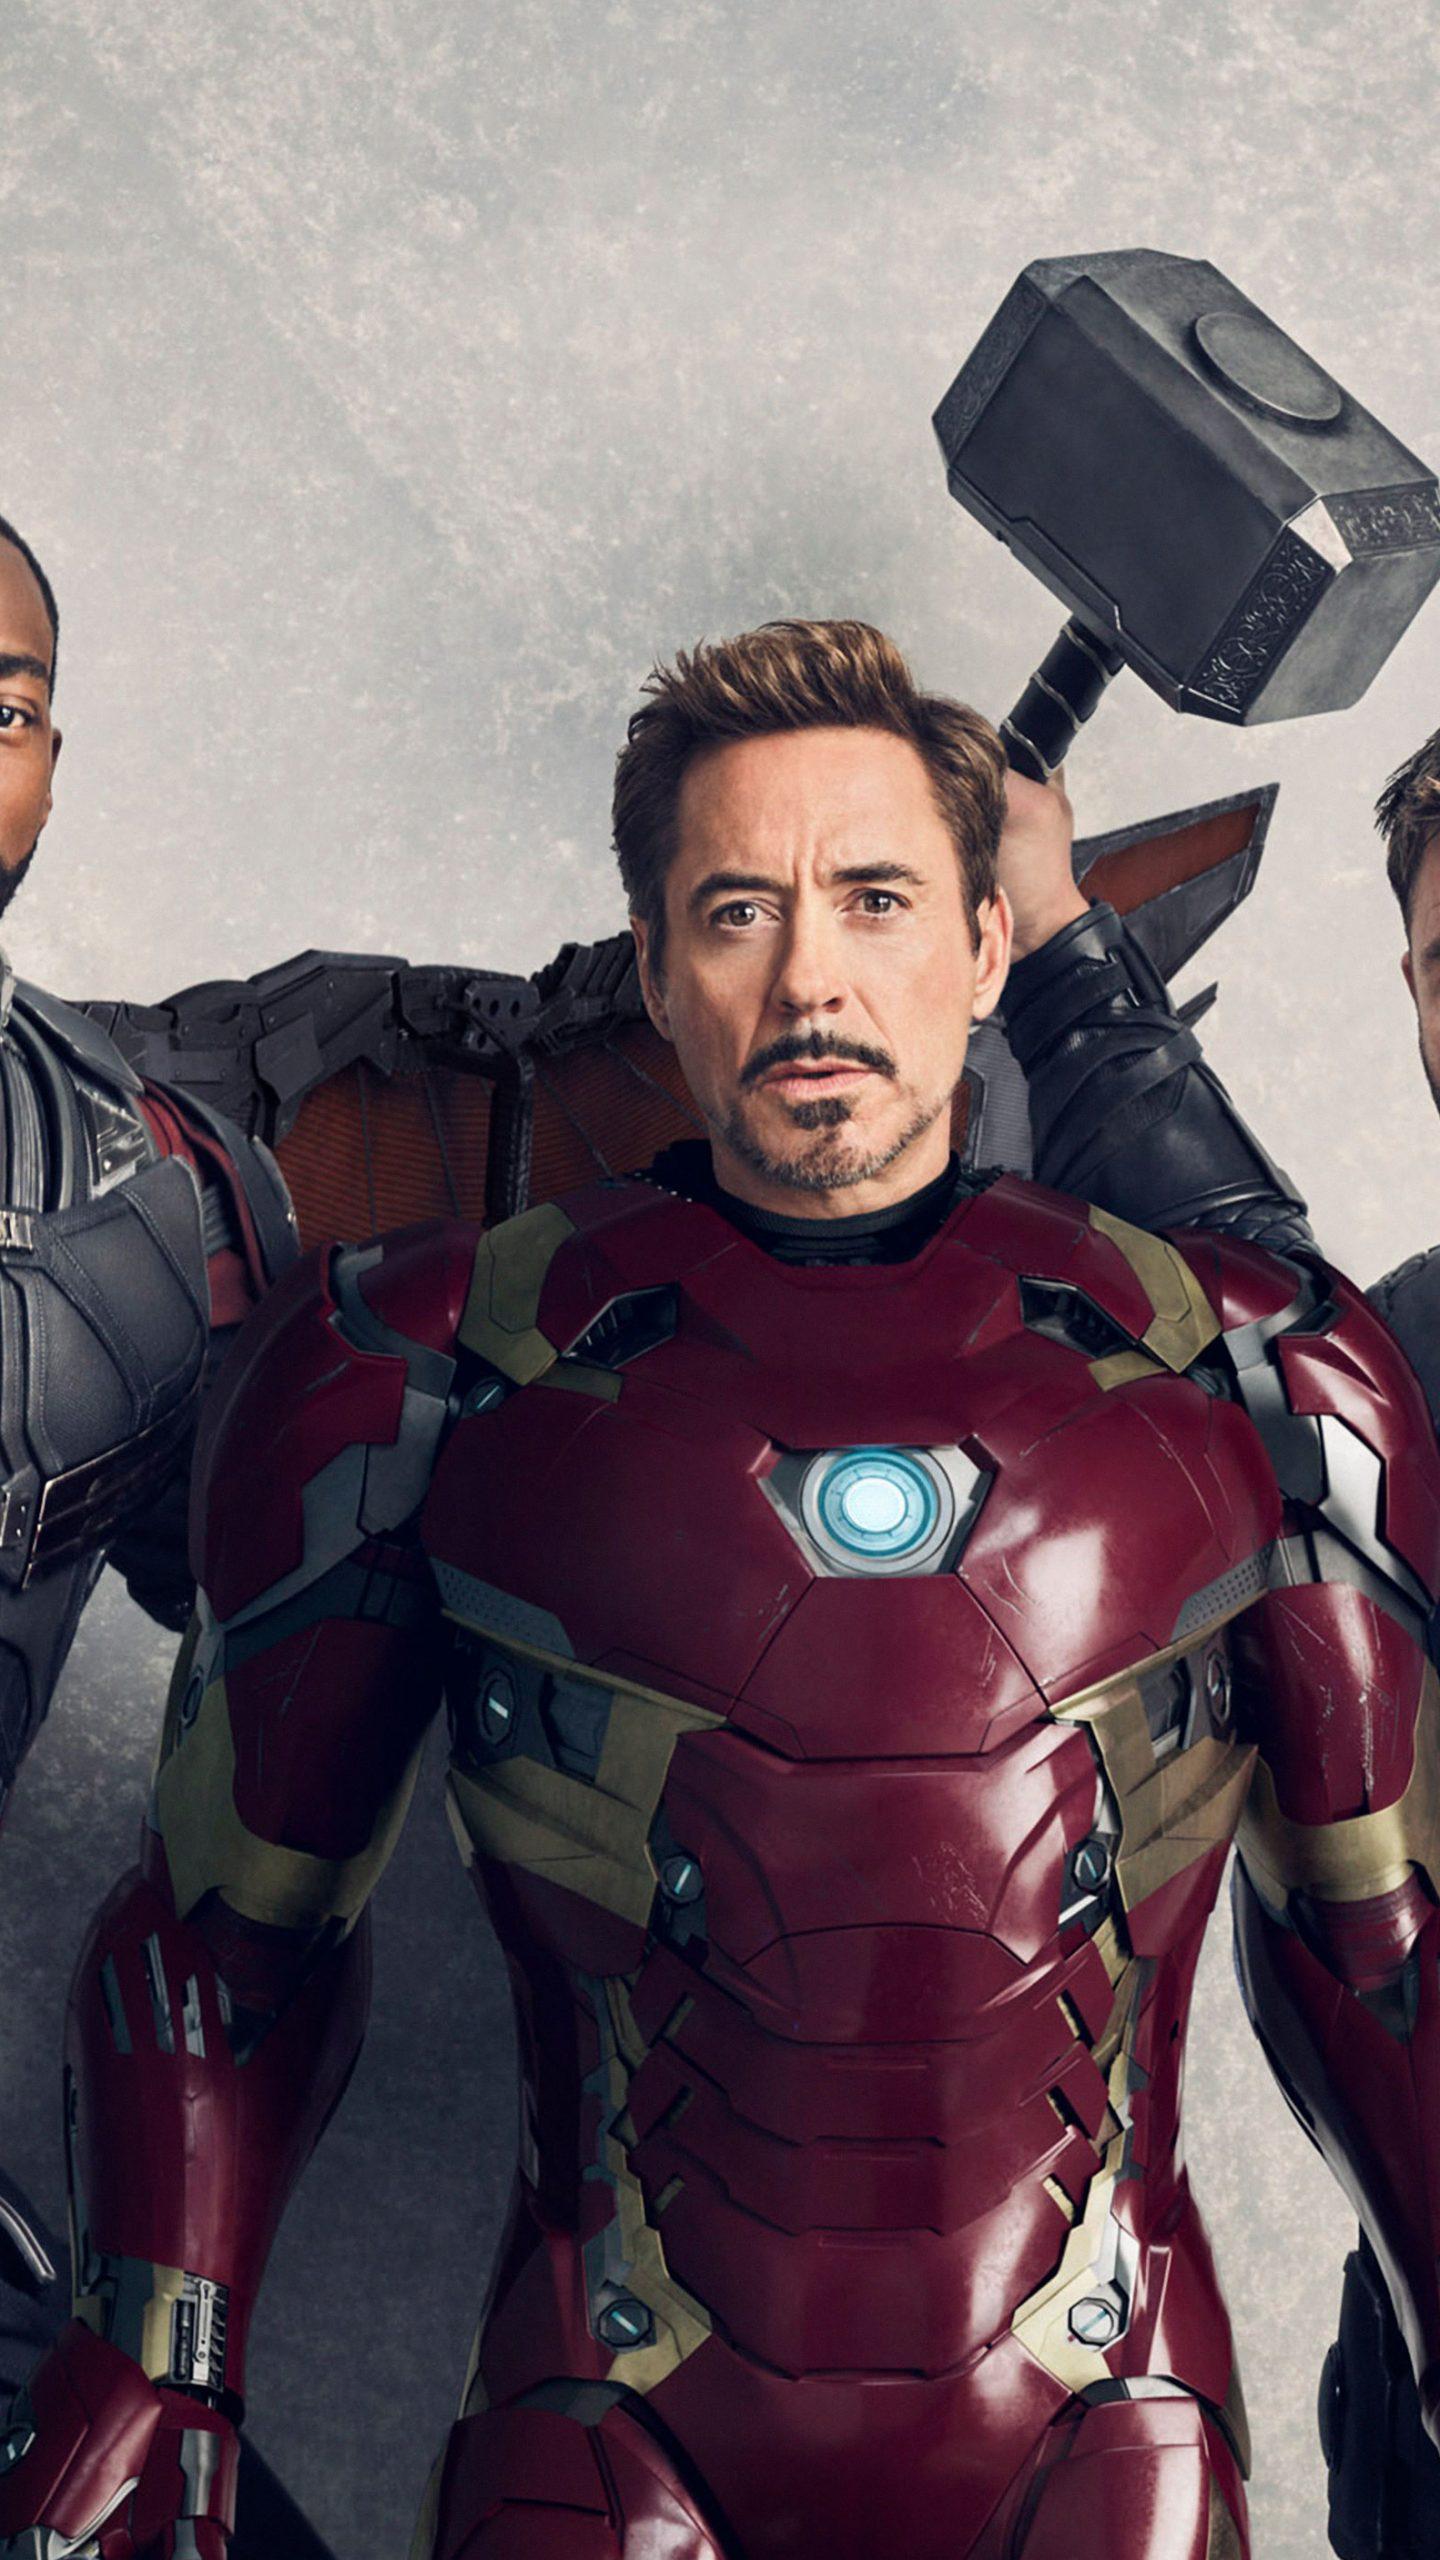 Avengers Infinity War Falcon Ironman Thor 4K Wallpaper   Best 1440x2560